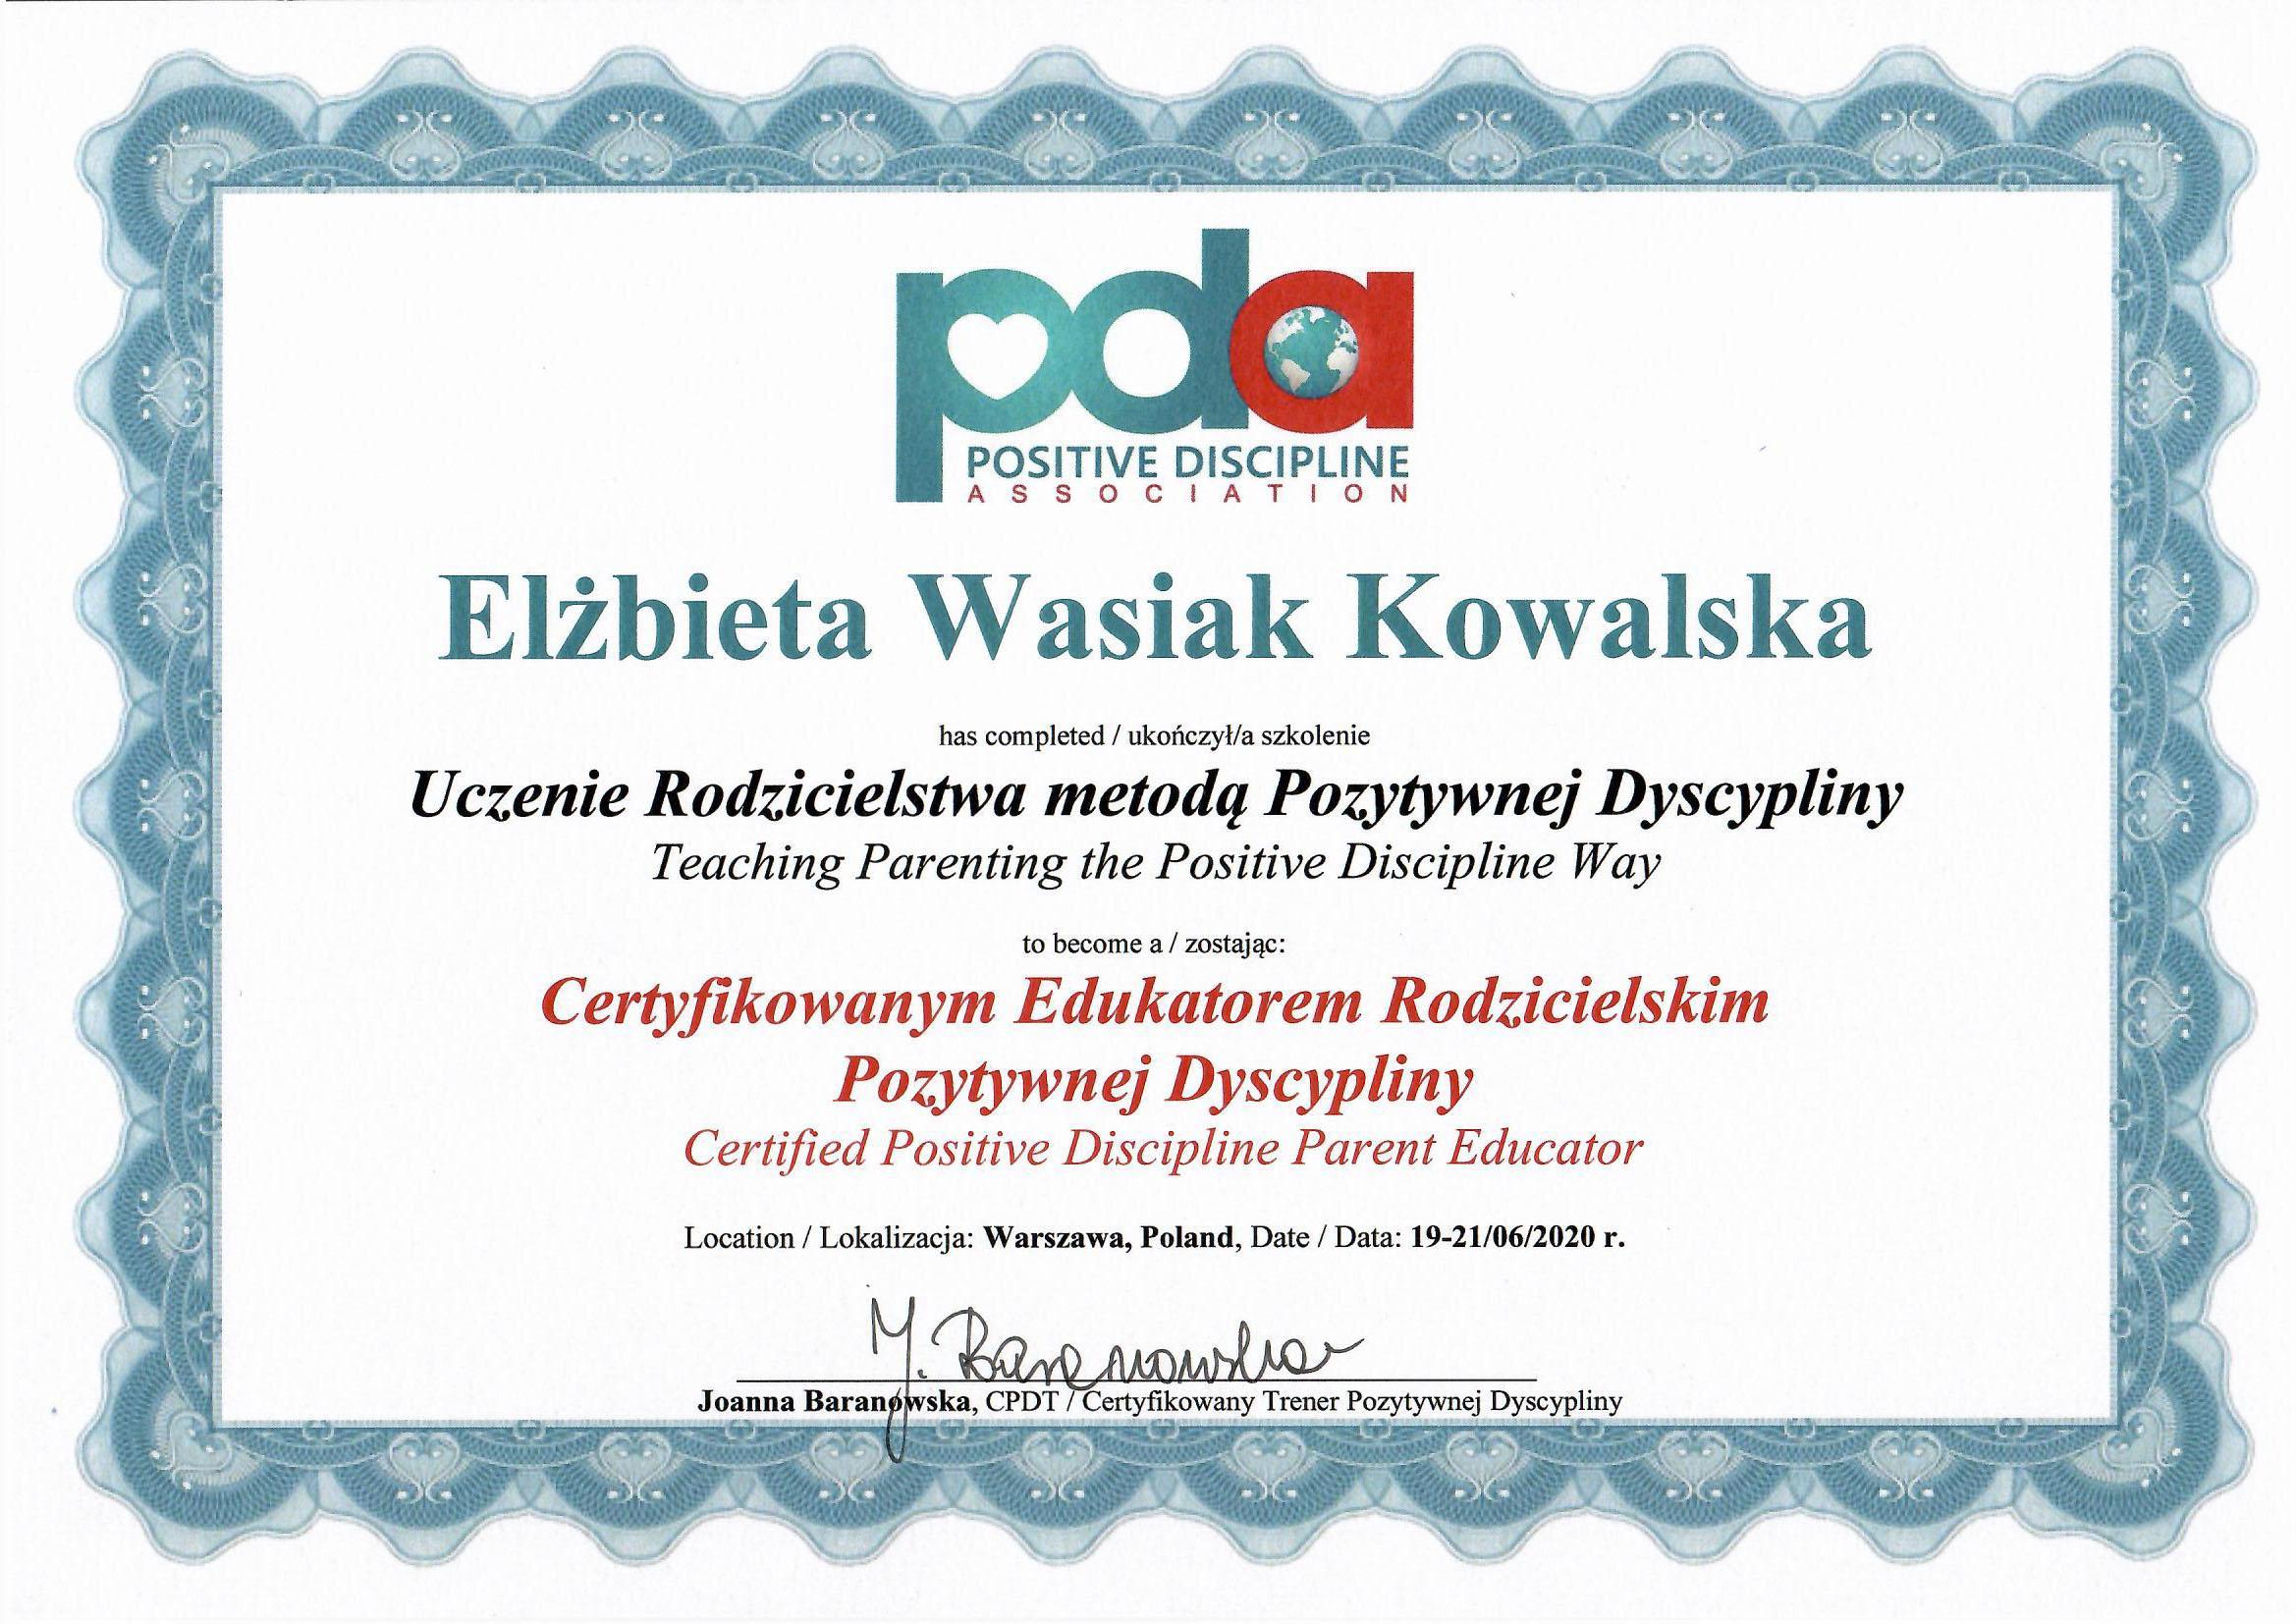 Certyfikat Edukatora Rodzicielskiego Pozytywnej Dyscypliny